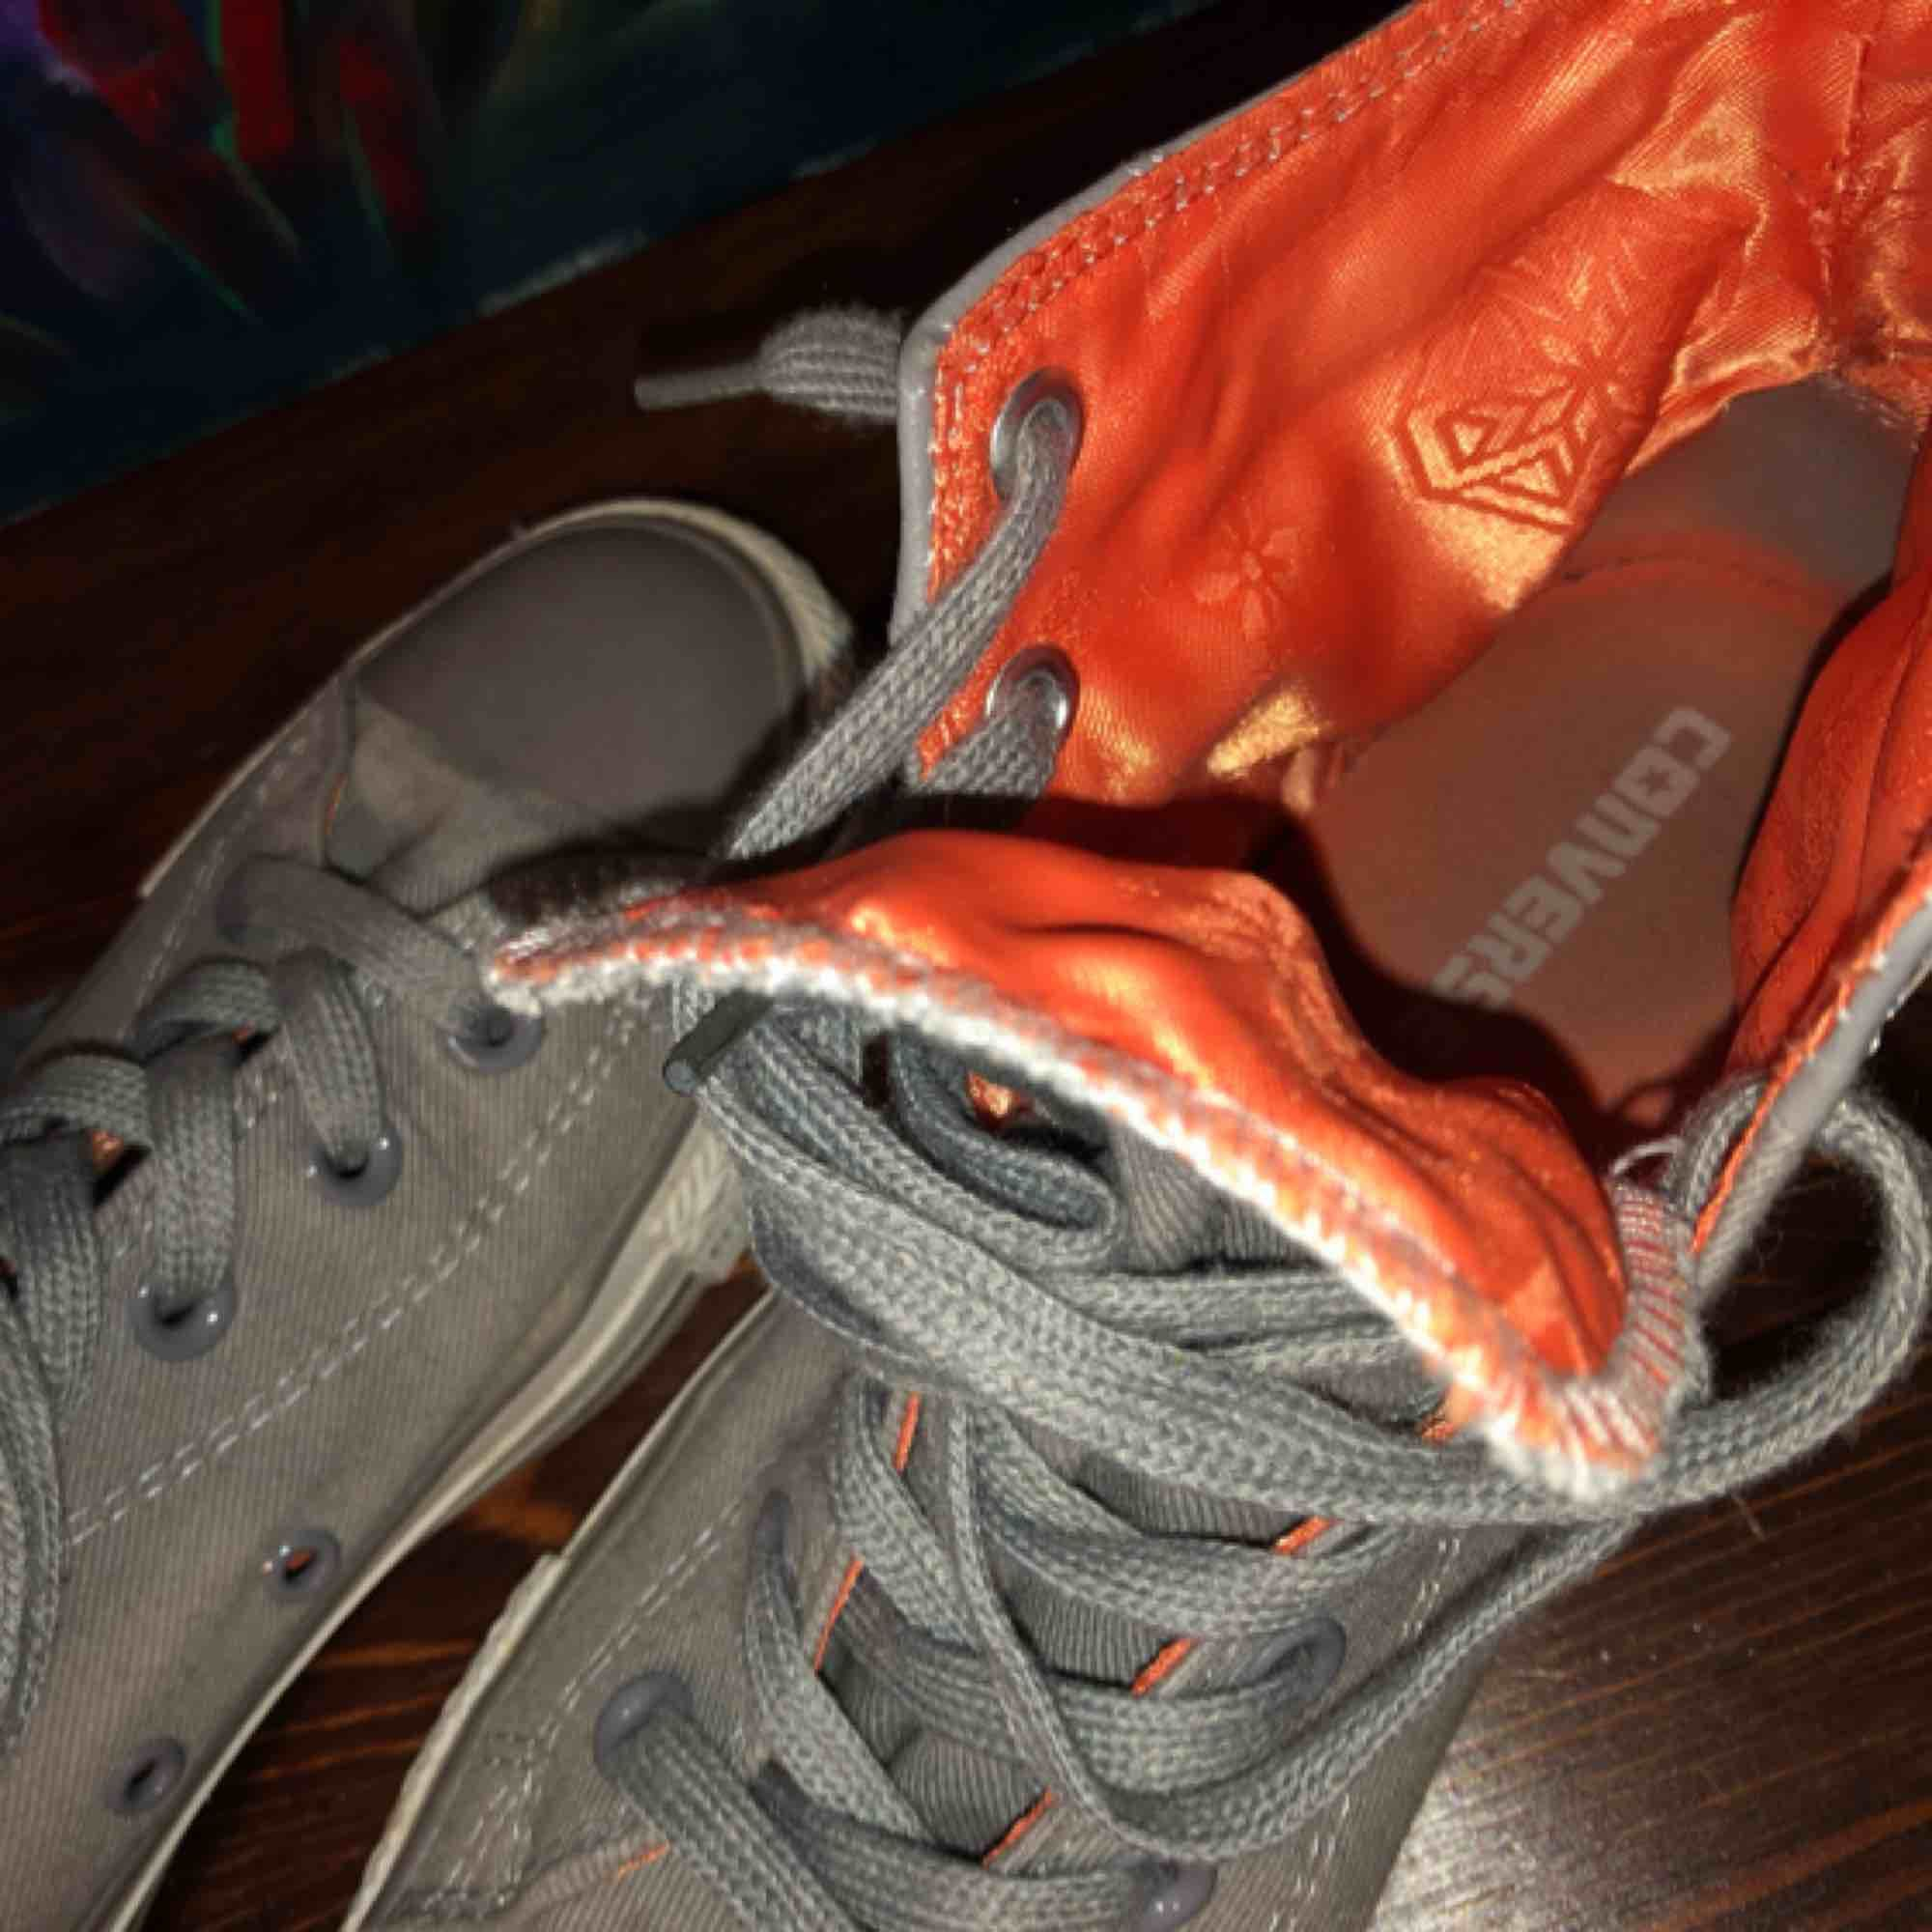 Snygga Chuck Tyler Converse helt nya! Använda Max 3 gånger! Behövs bara städa lite! Frakt ej inkluderat! . Skor.